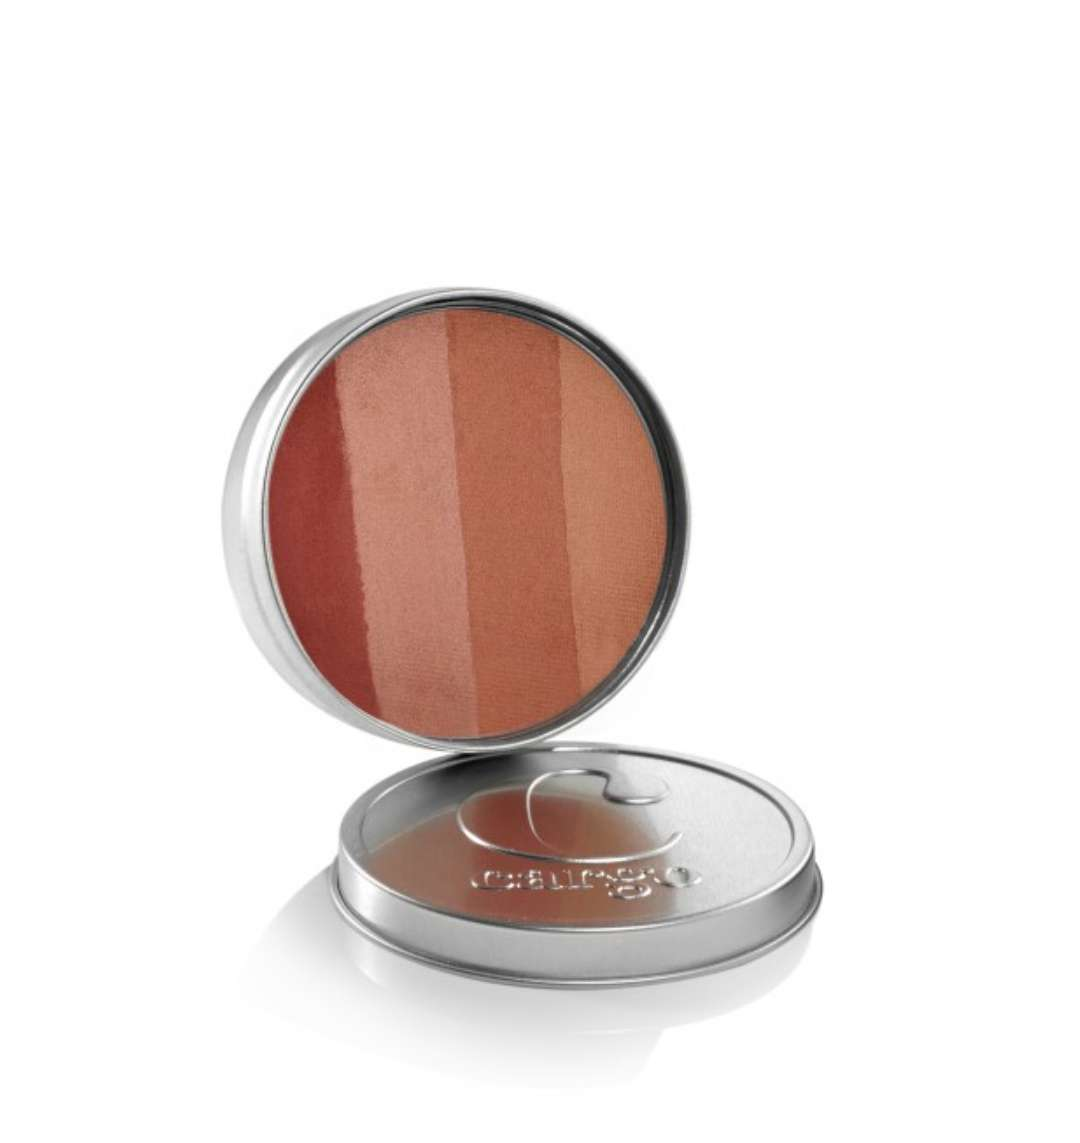 Imagen producto Colorete beach blush tono coral 2